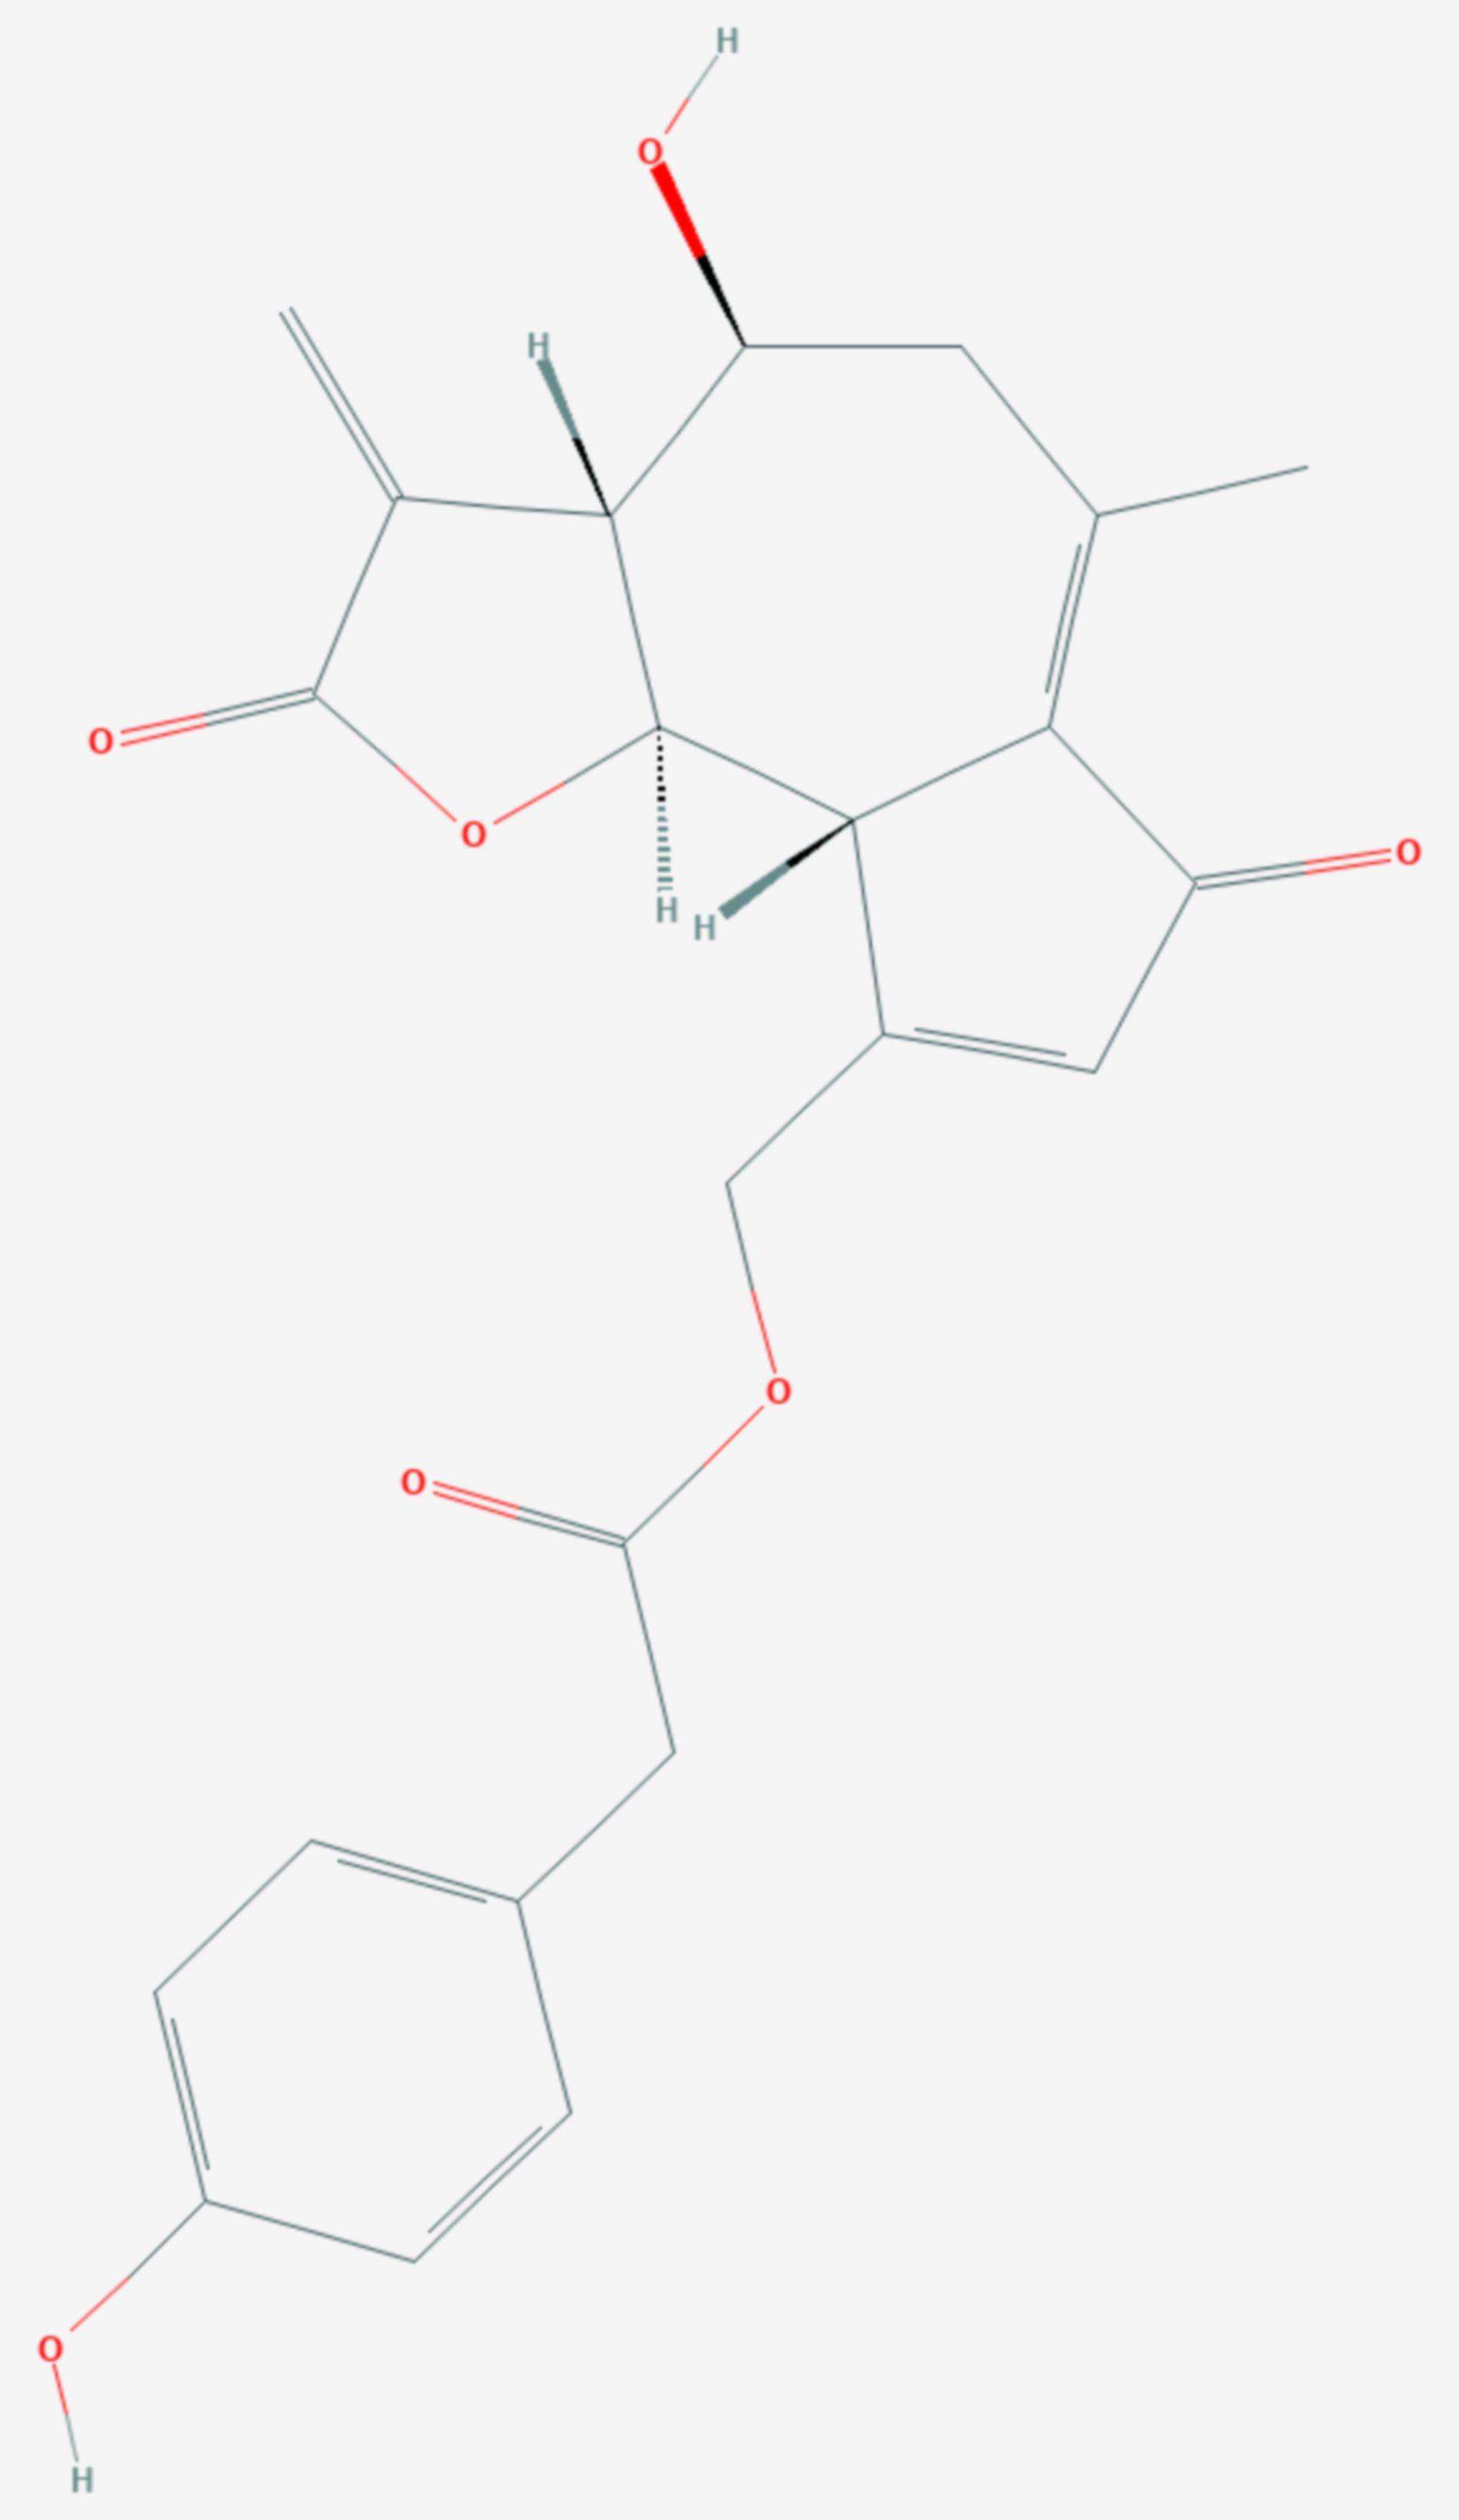 Lactucopikrin (Strukturformel)